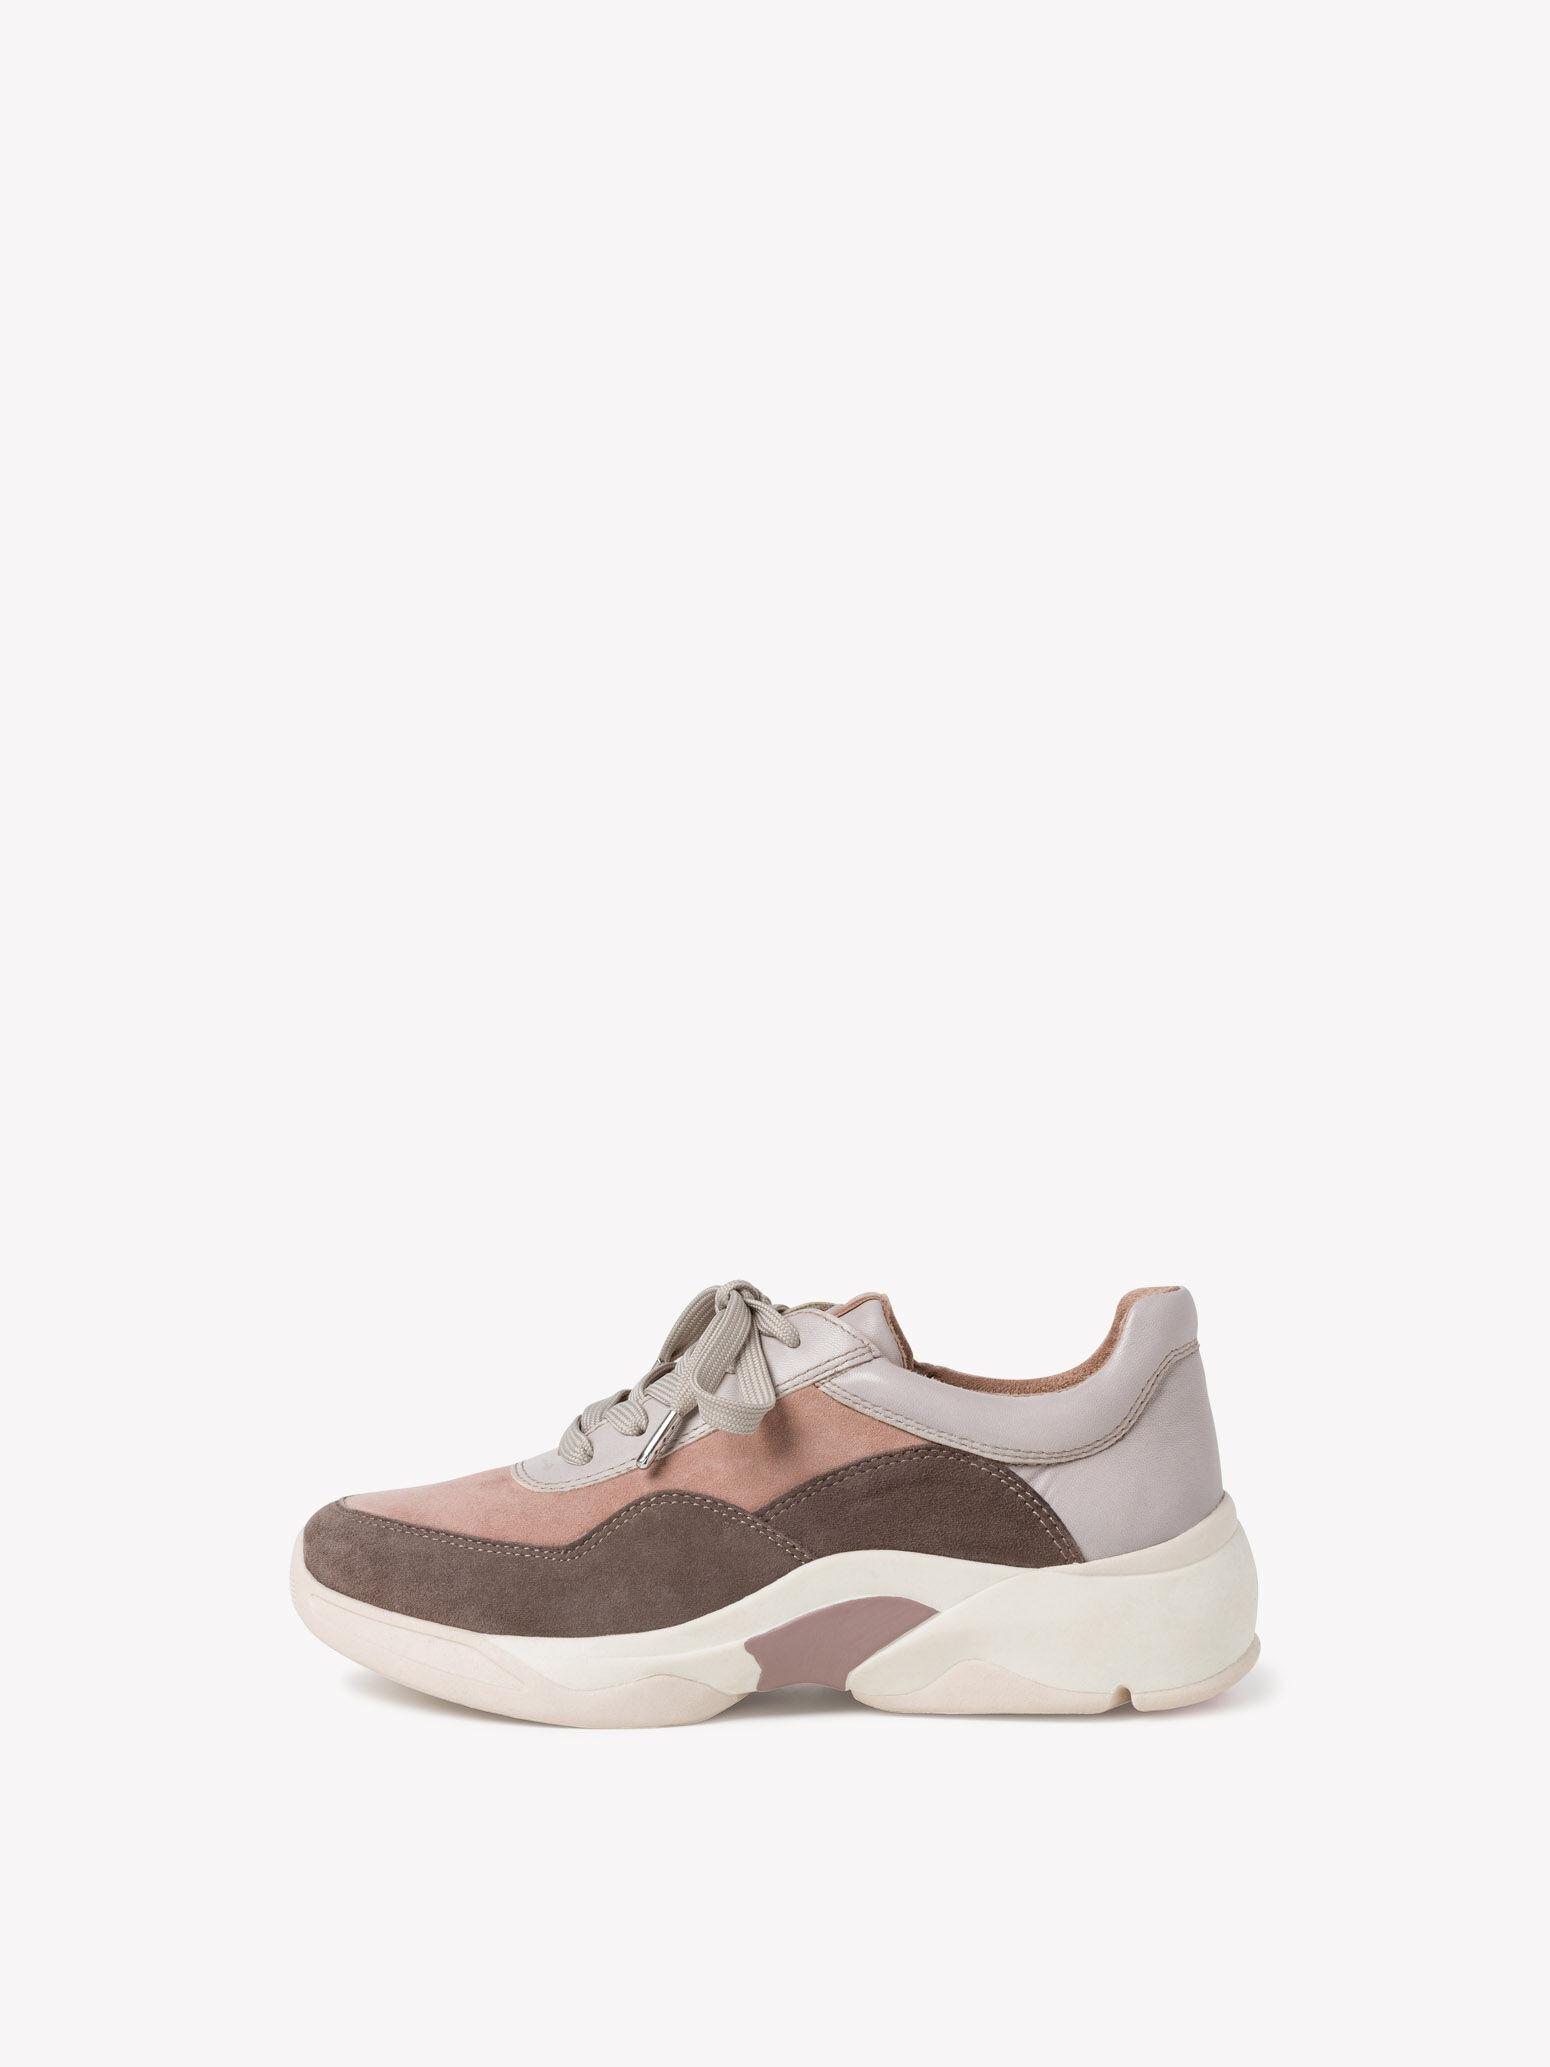 Buy Tamaris Sneakers online now!